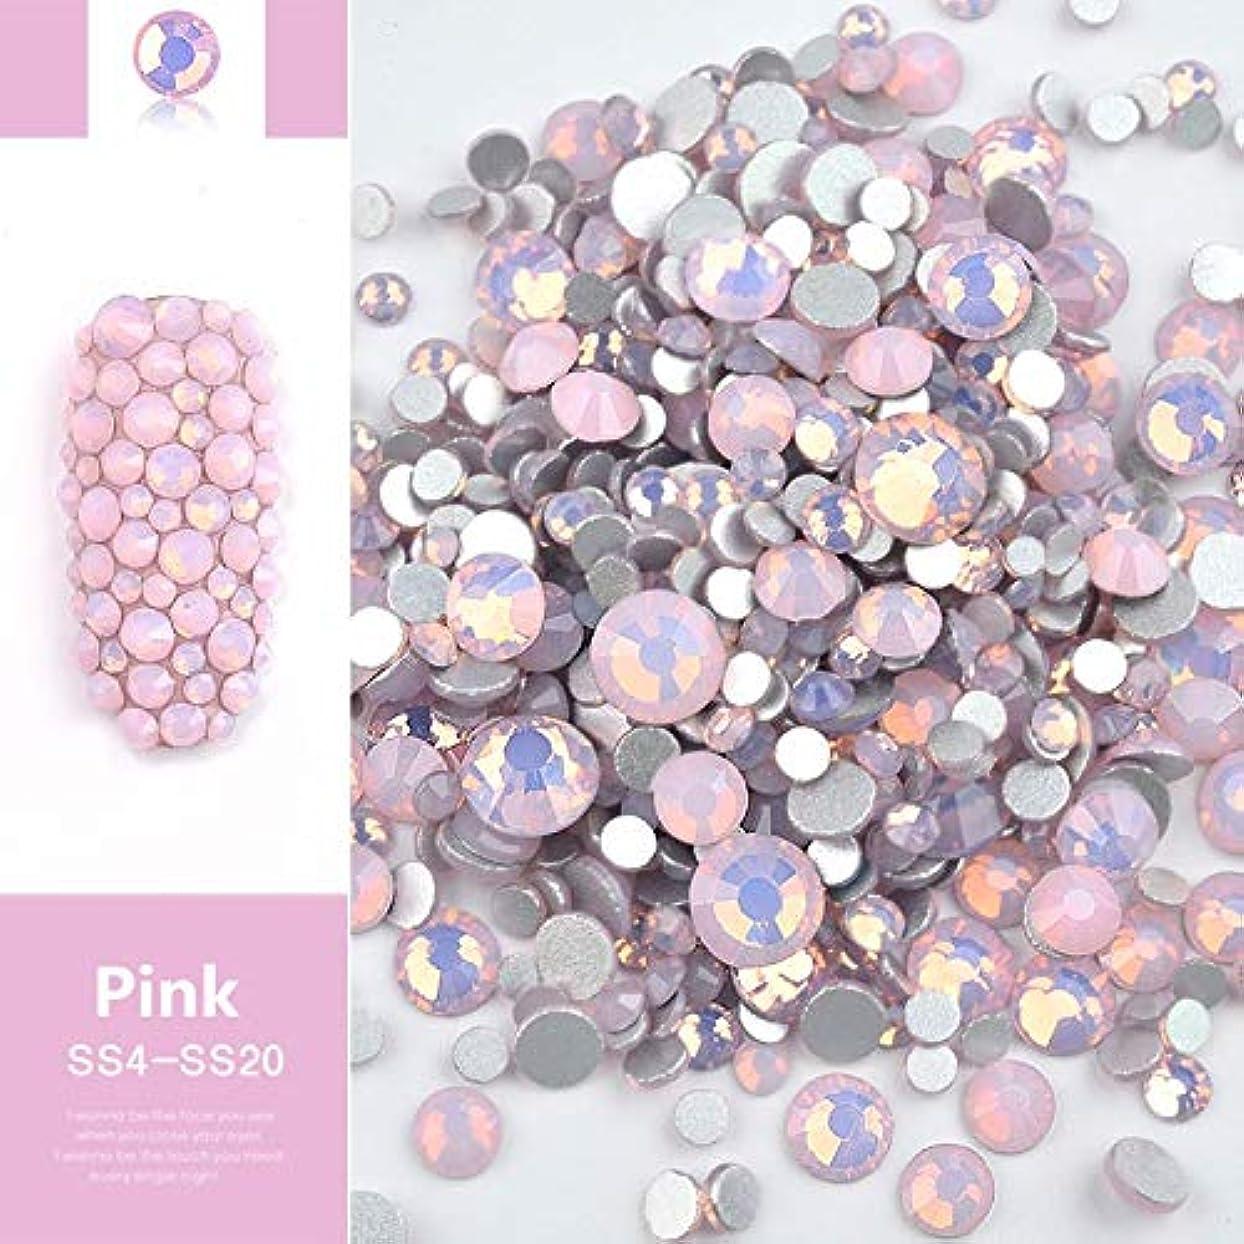 ビジター今晩よろしくJiaoran ビーズ樹脂クリスタルラウンドネイルアートミックスフラットバックアクリルラインストーンミックスサイズ1.5-4.5 mm装飾用ネイル (Color : Pink)